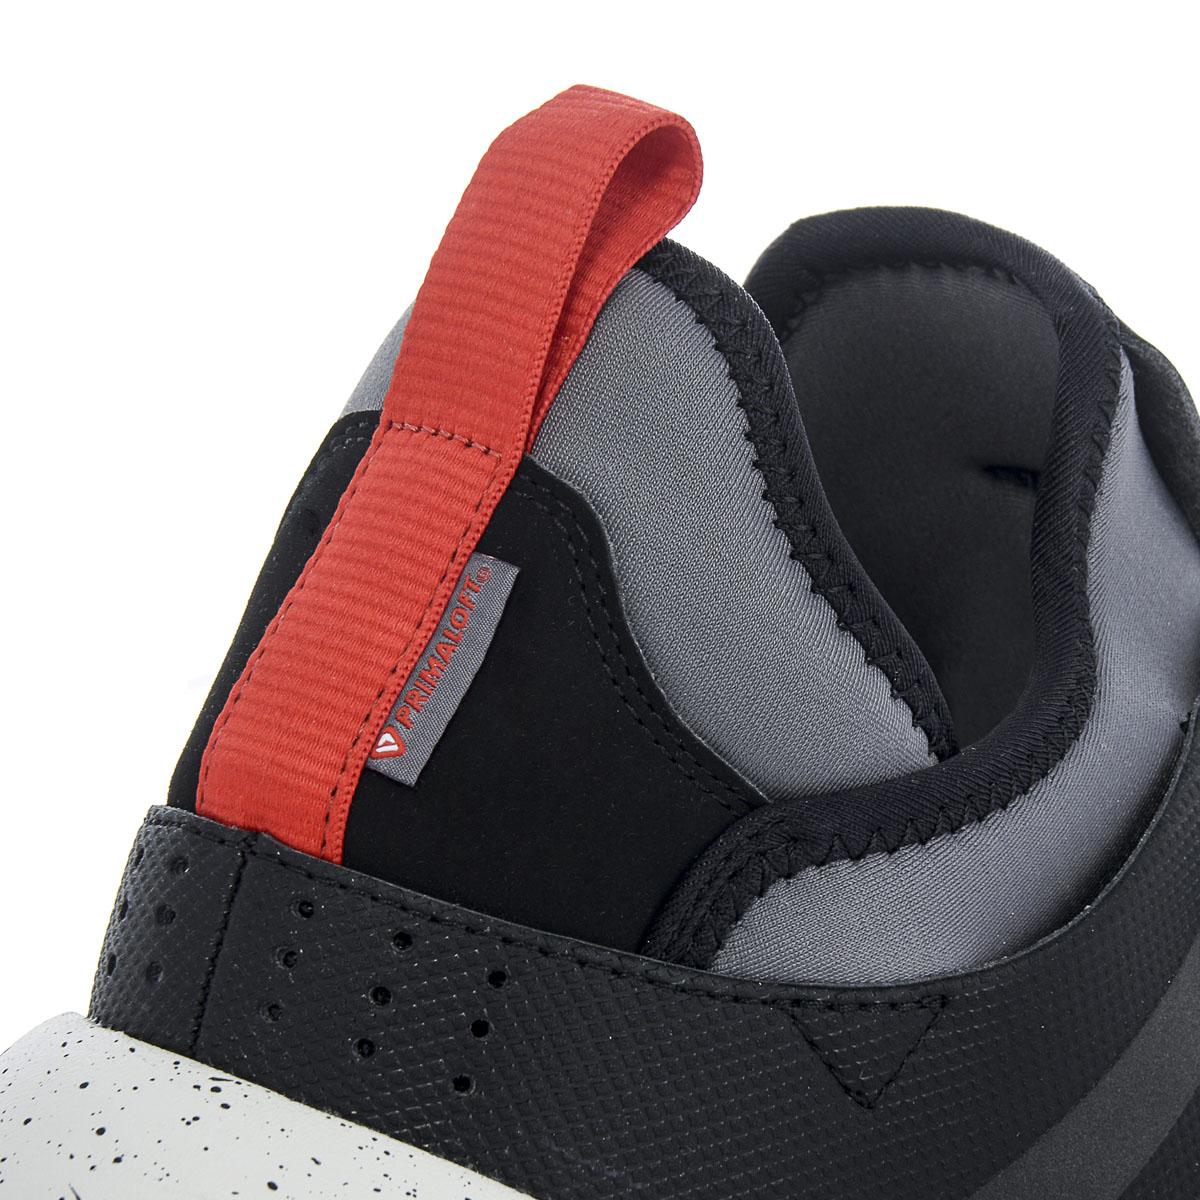 Nuove Nuove Nuove adidas x a infrarossi sneakerboot bz0669 Uomo scarpe formatori scarpe vendita 34734c